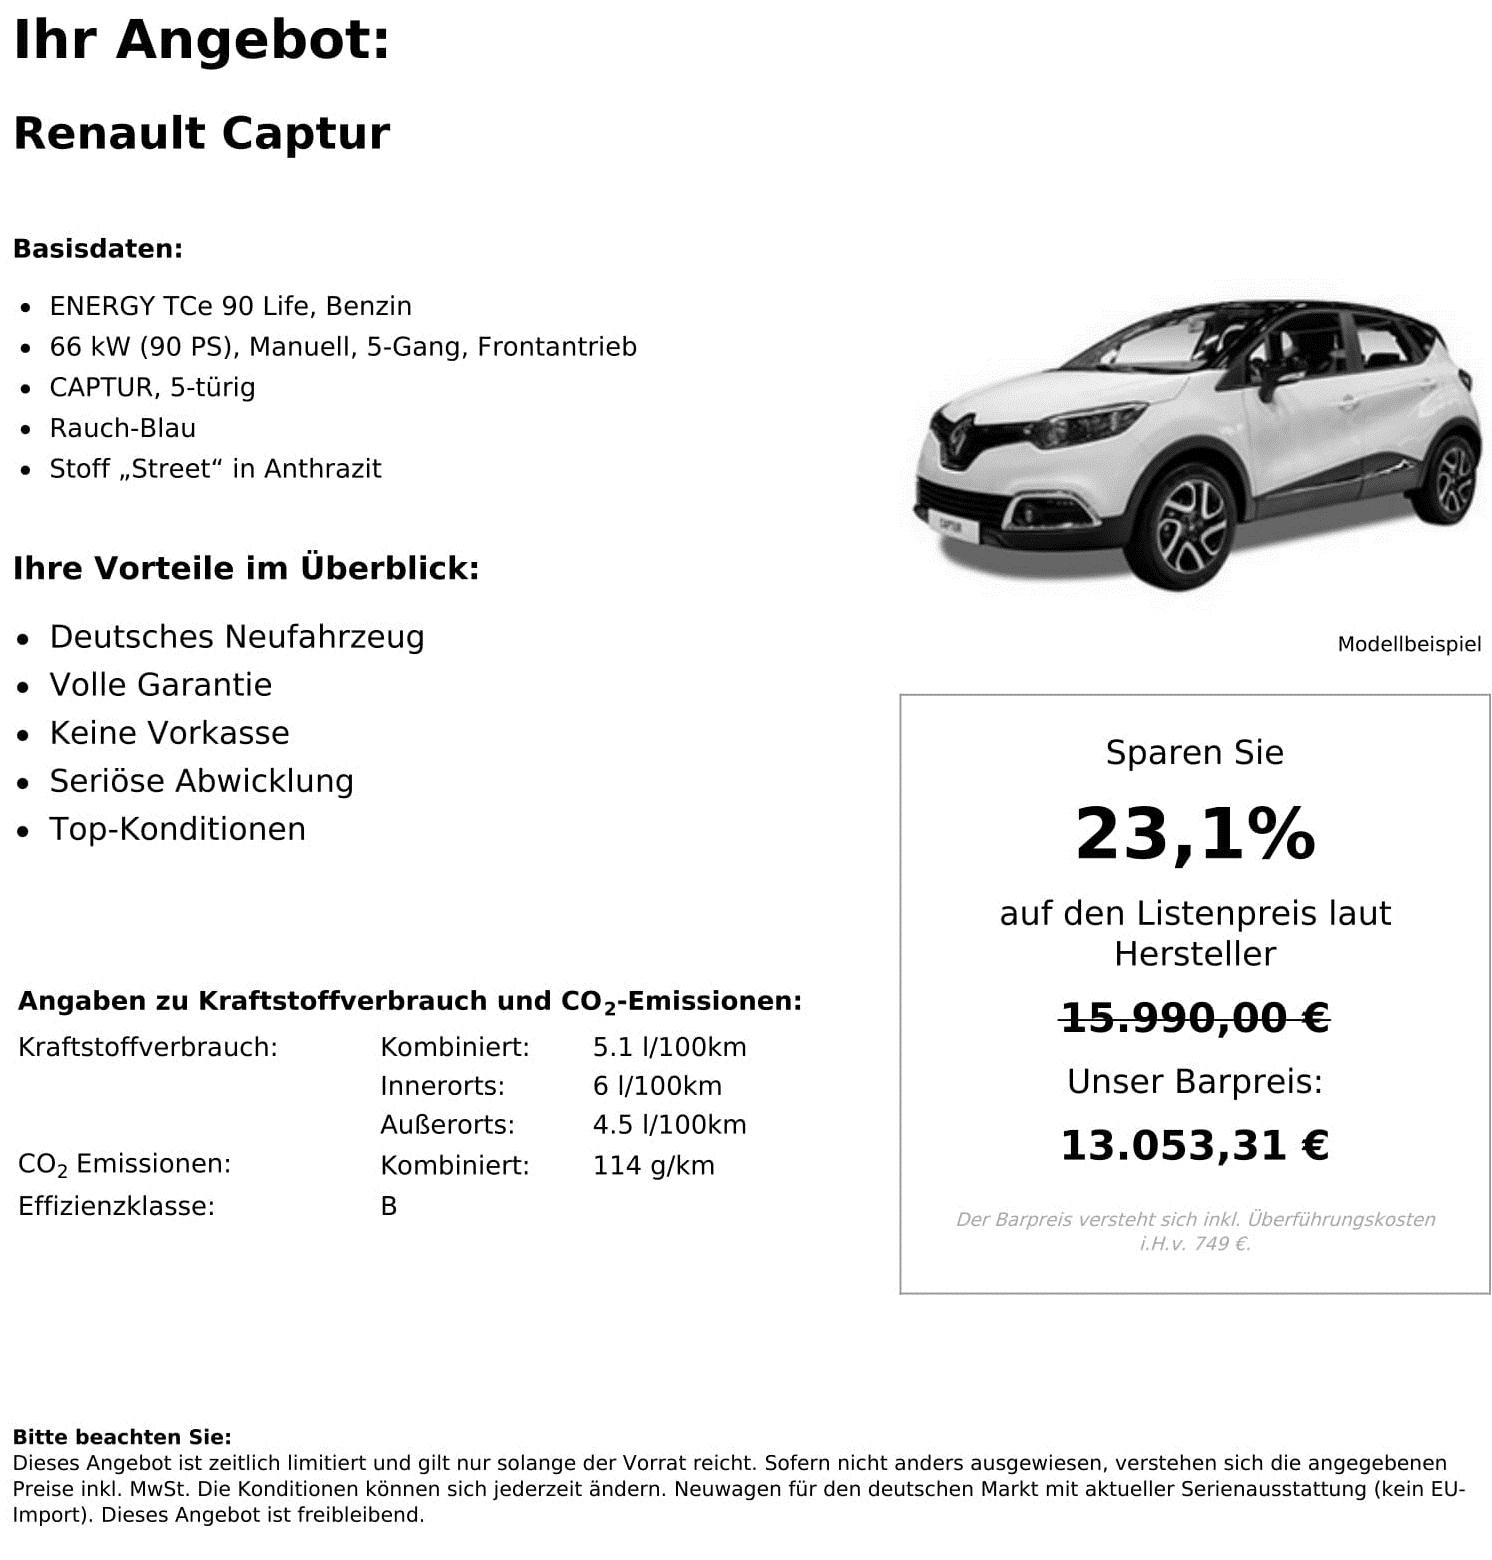 Renault Captur Neuwagen kaufen